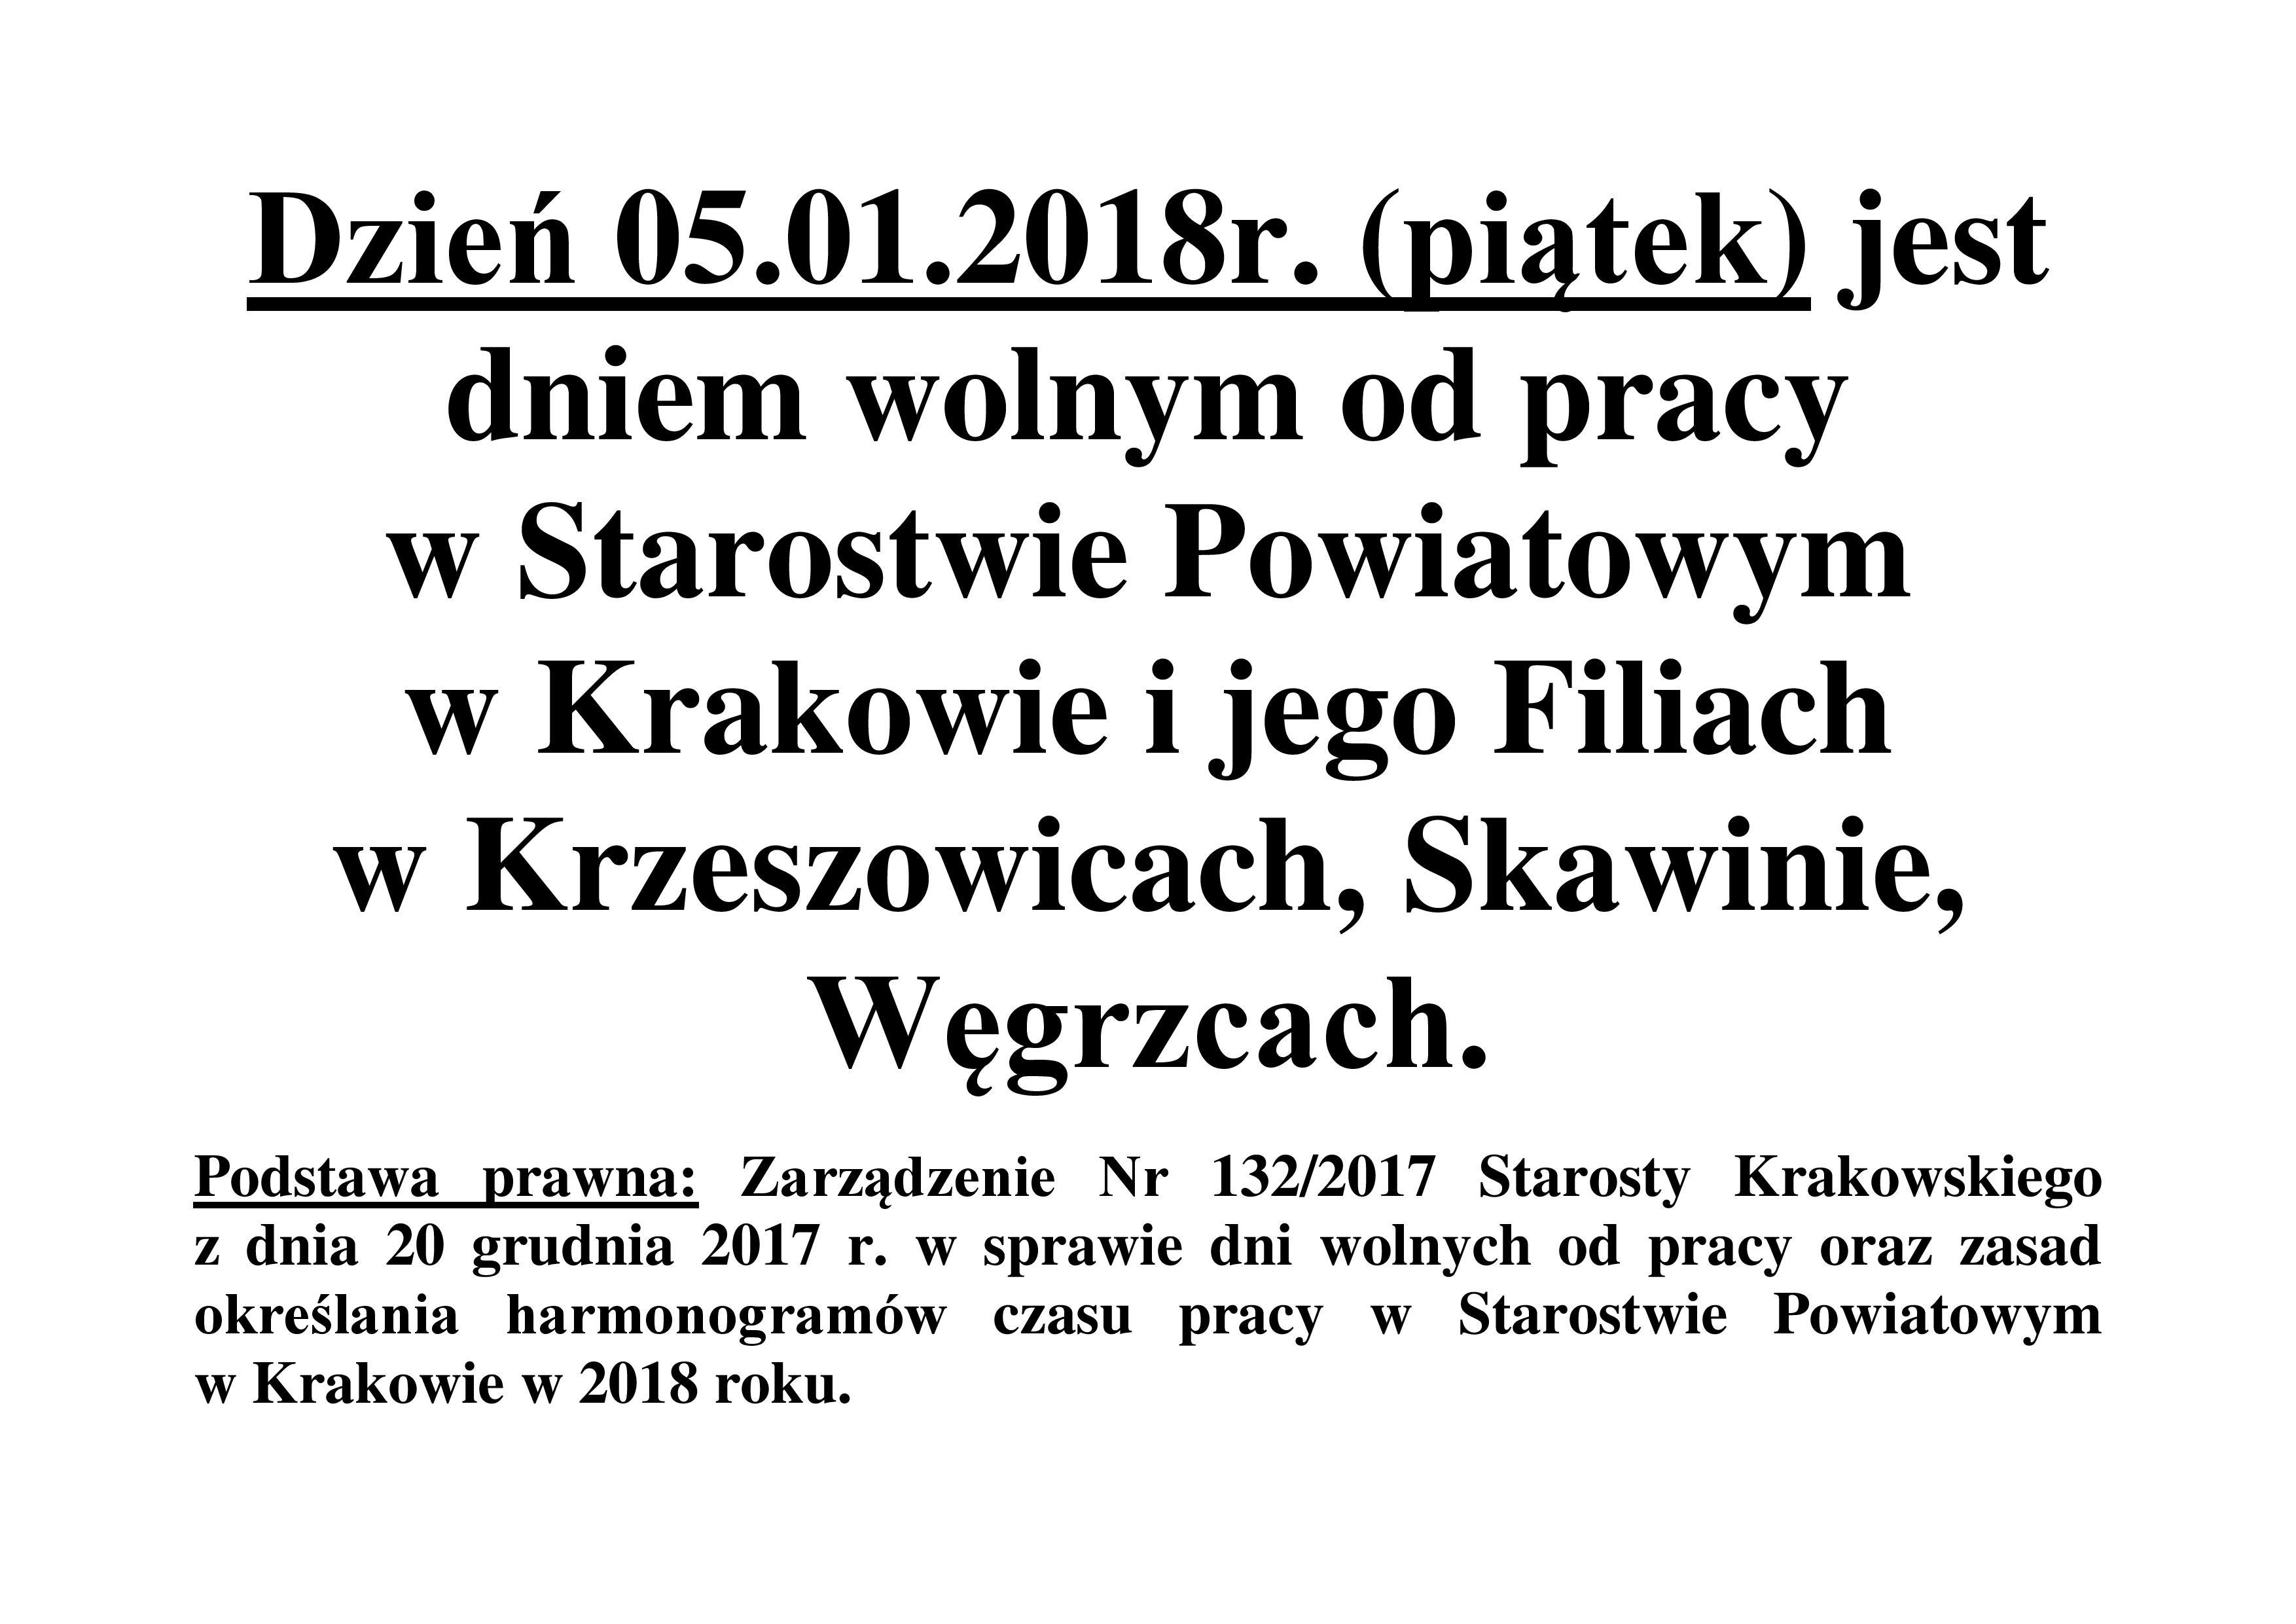 Wolny_dzien_05.01.2018